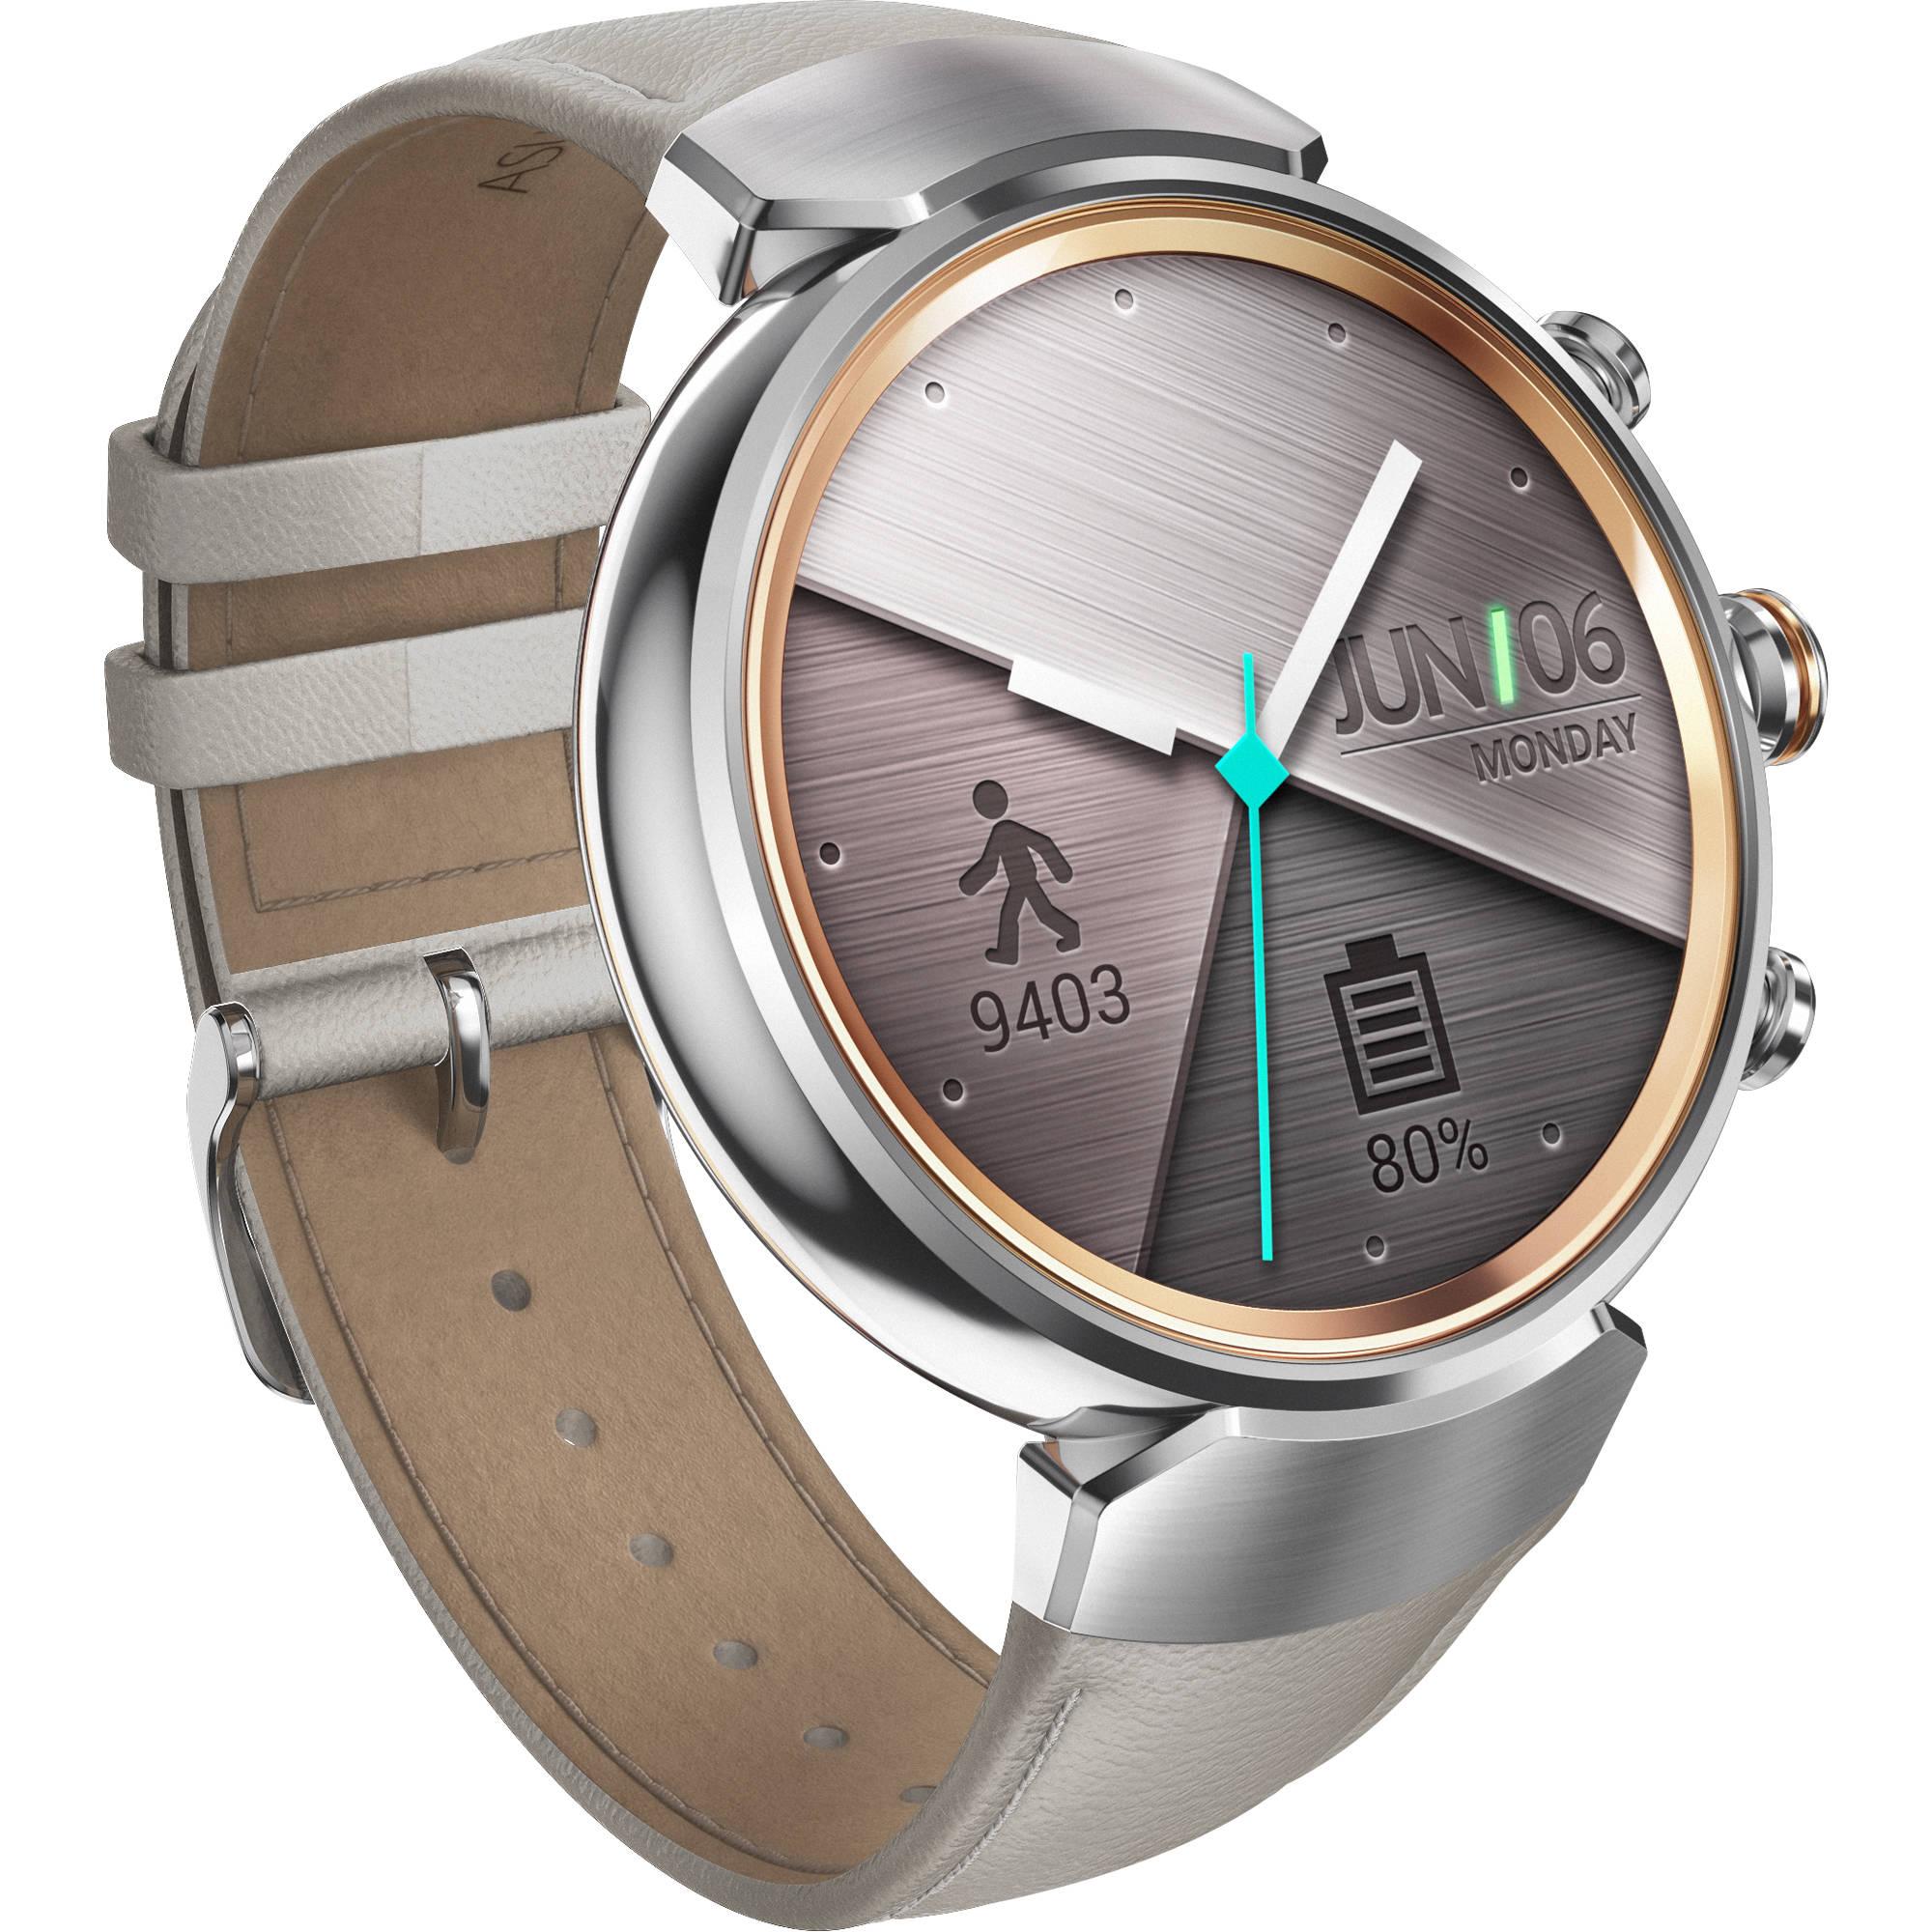 Appleだけじゃない!ASUSのスマートウオッチ「ASUS zenwatch 3」